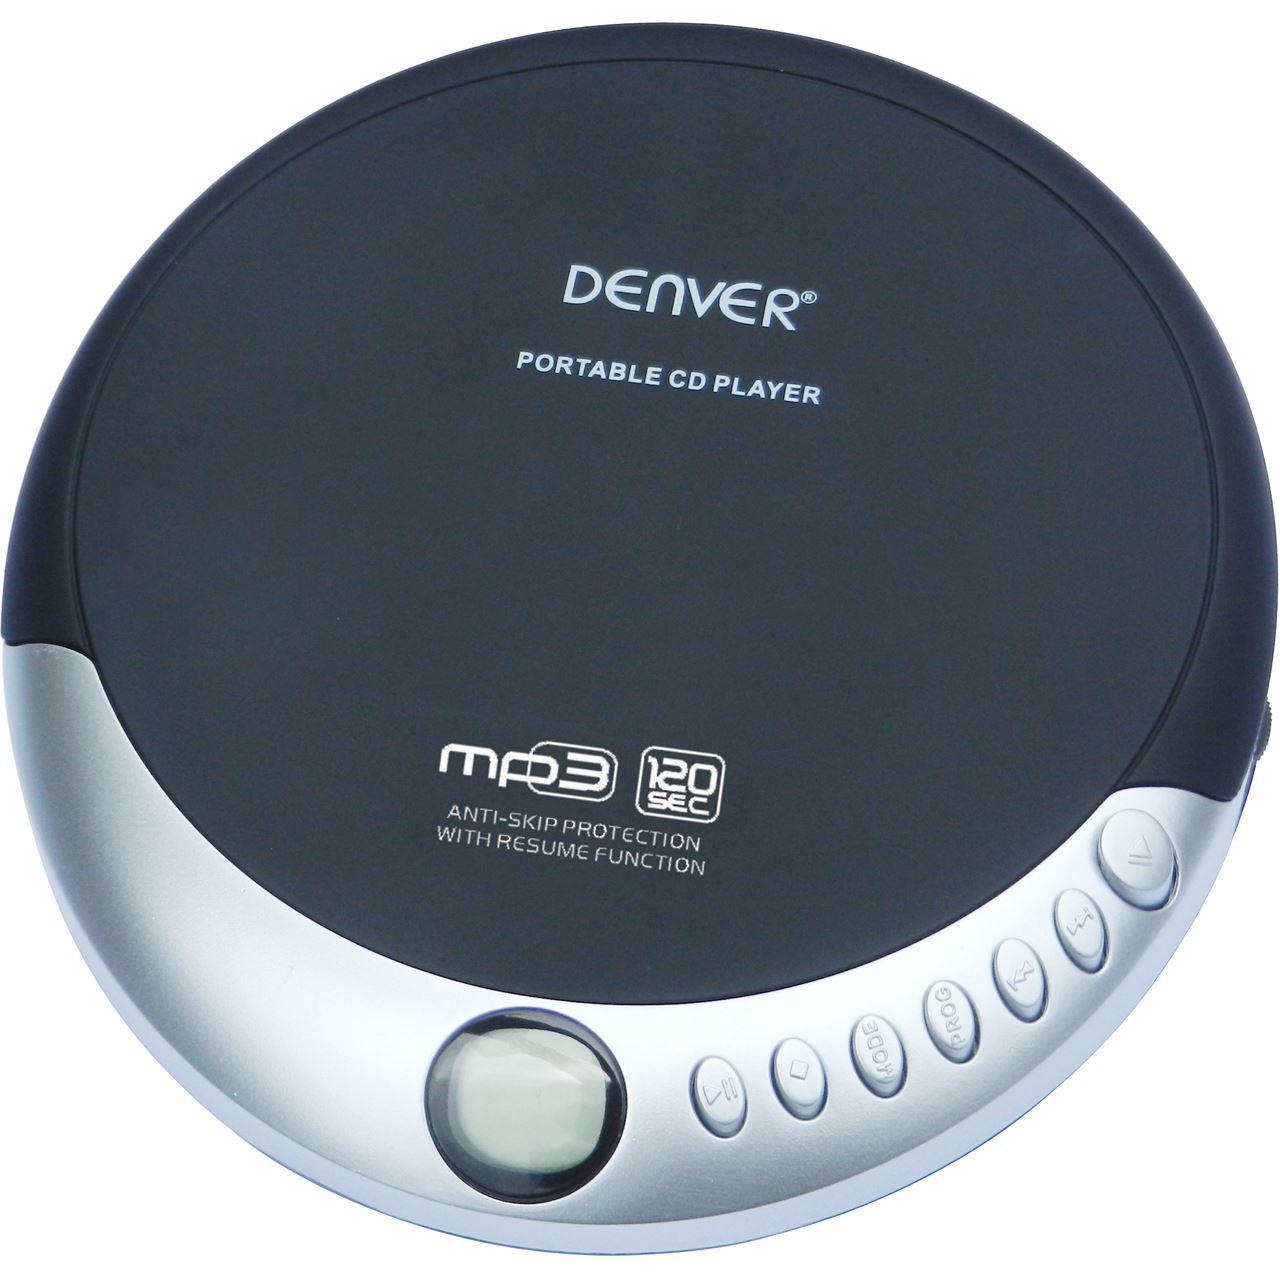 denver dmp 389 discman mit anti shock cd spieler. Black Bedroom Furniture Sets. Home Design Ideas